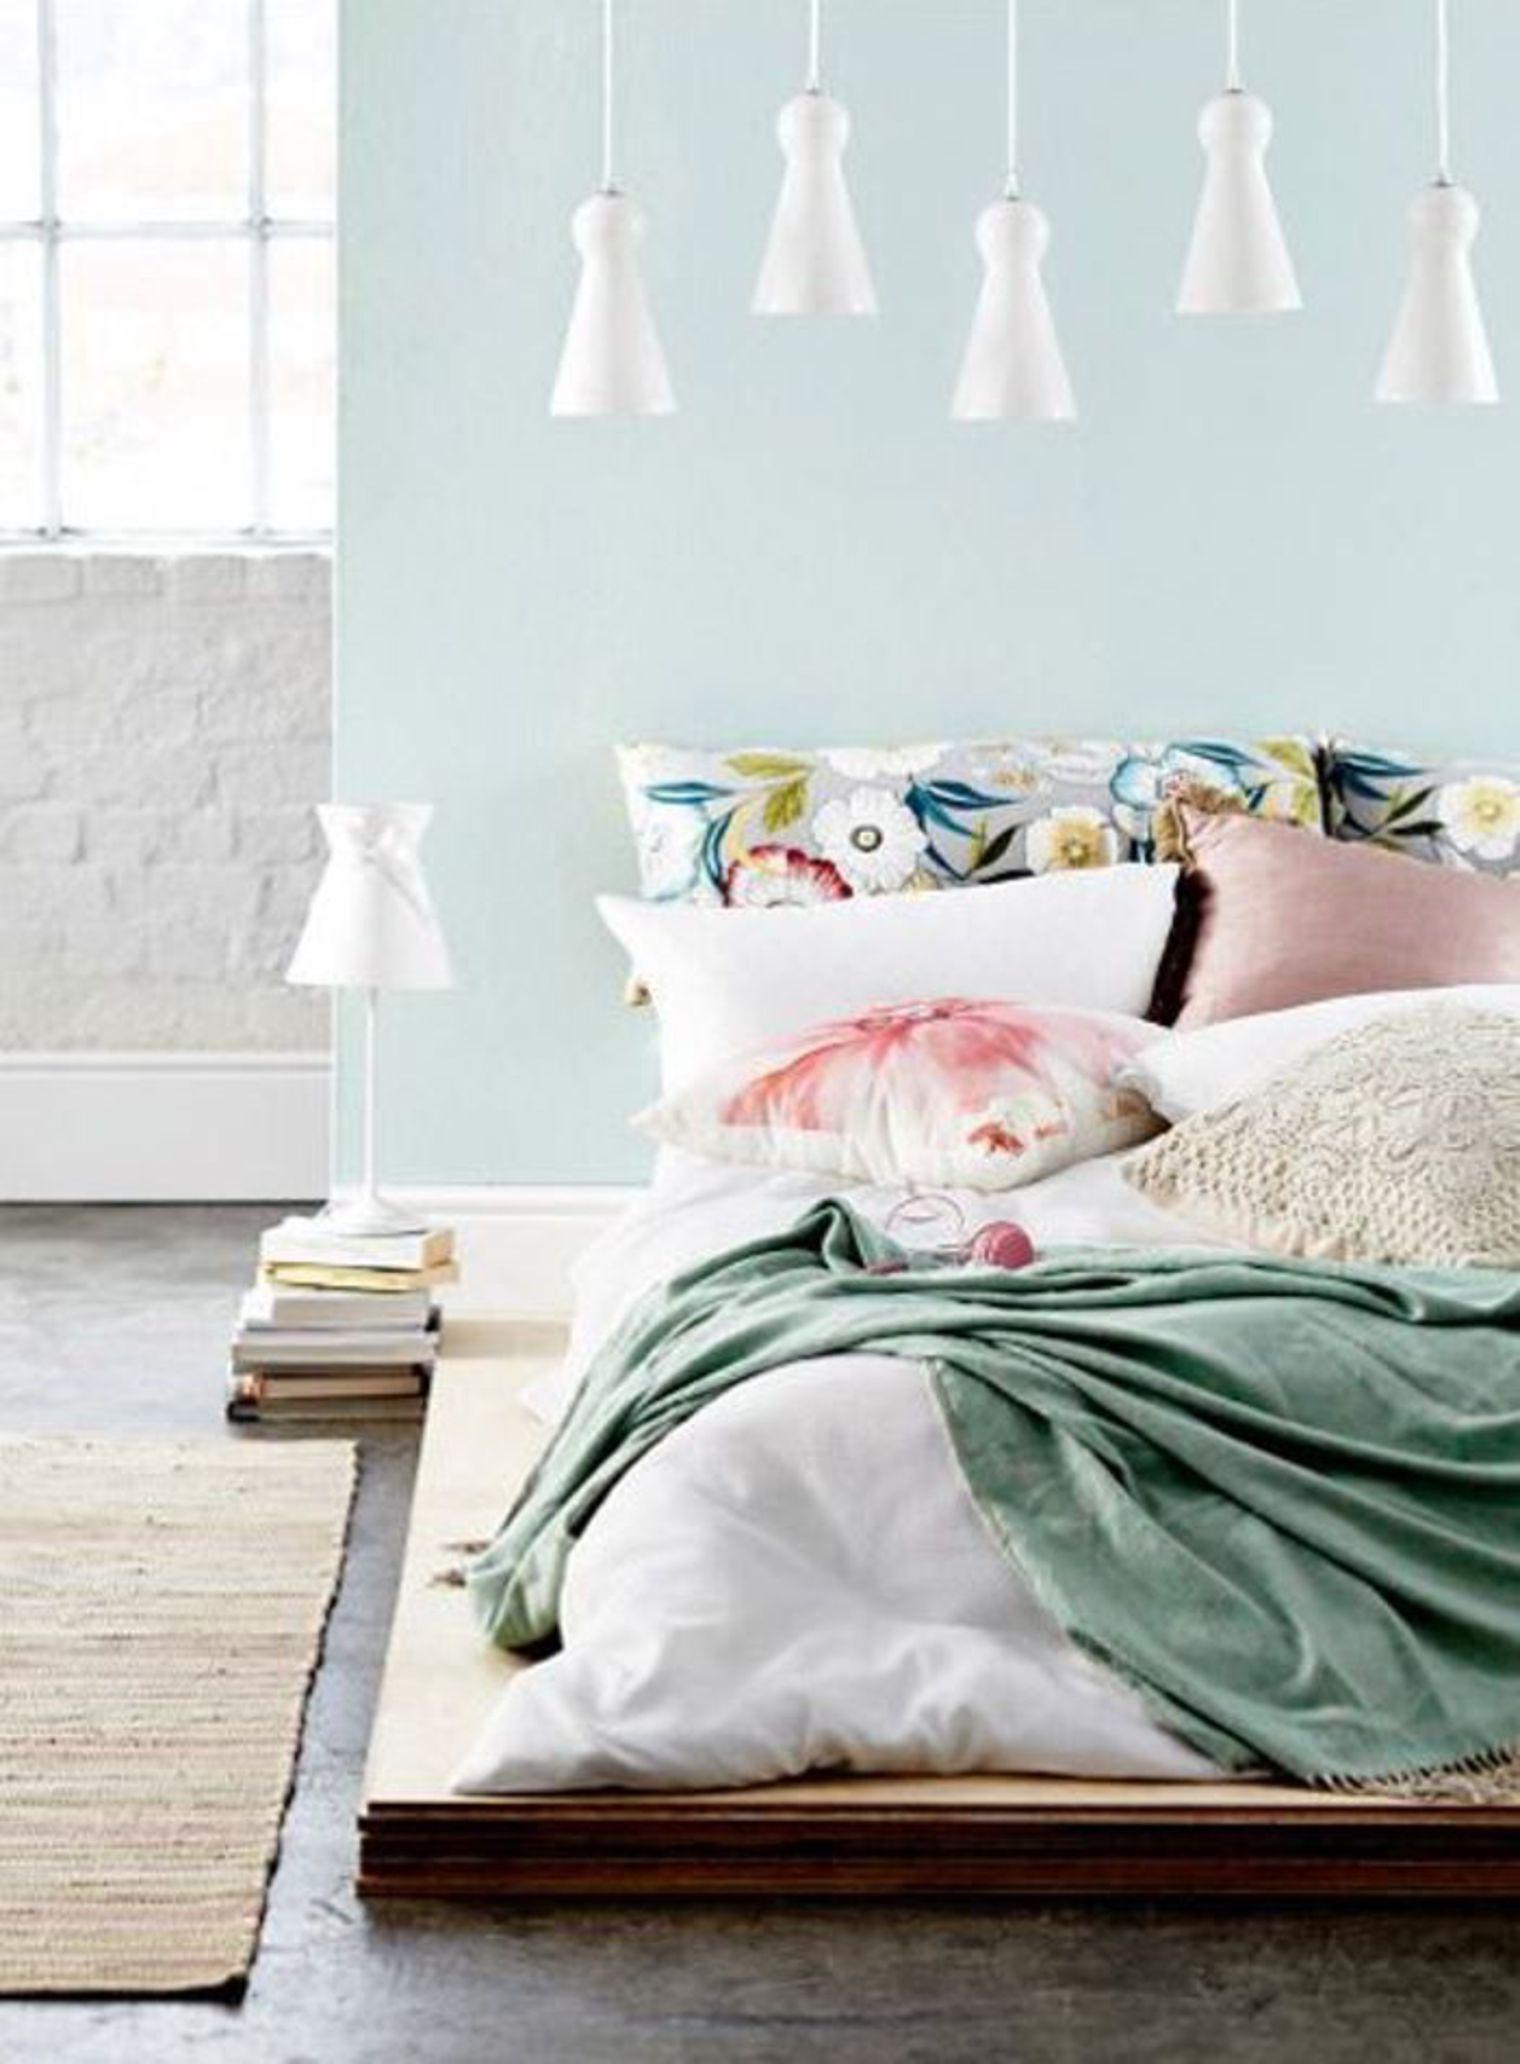 holborn - blog décoration d'intérieur - design d'espace - aménagement studio - Décoration couleurs pastel